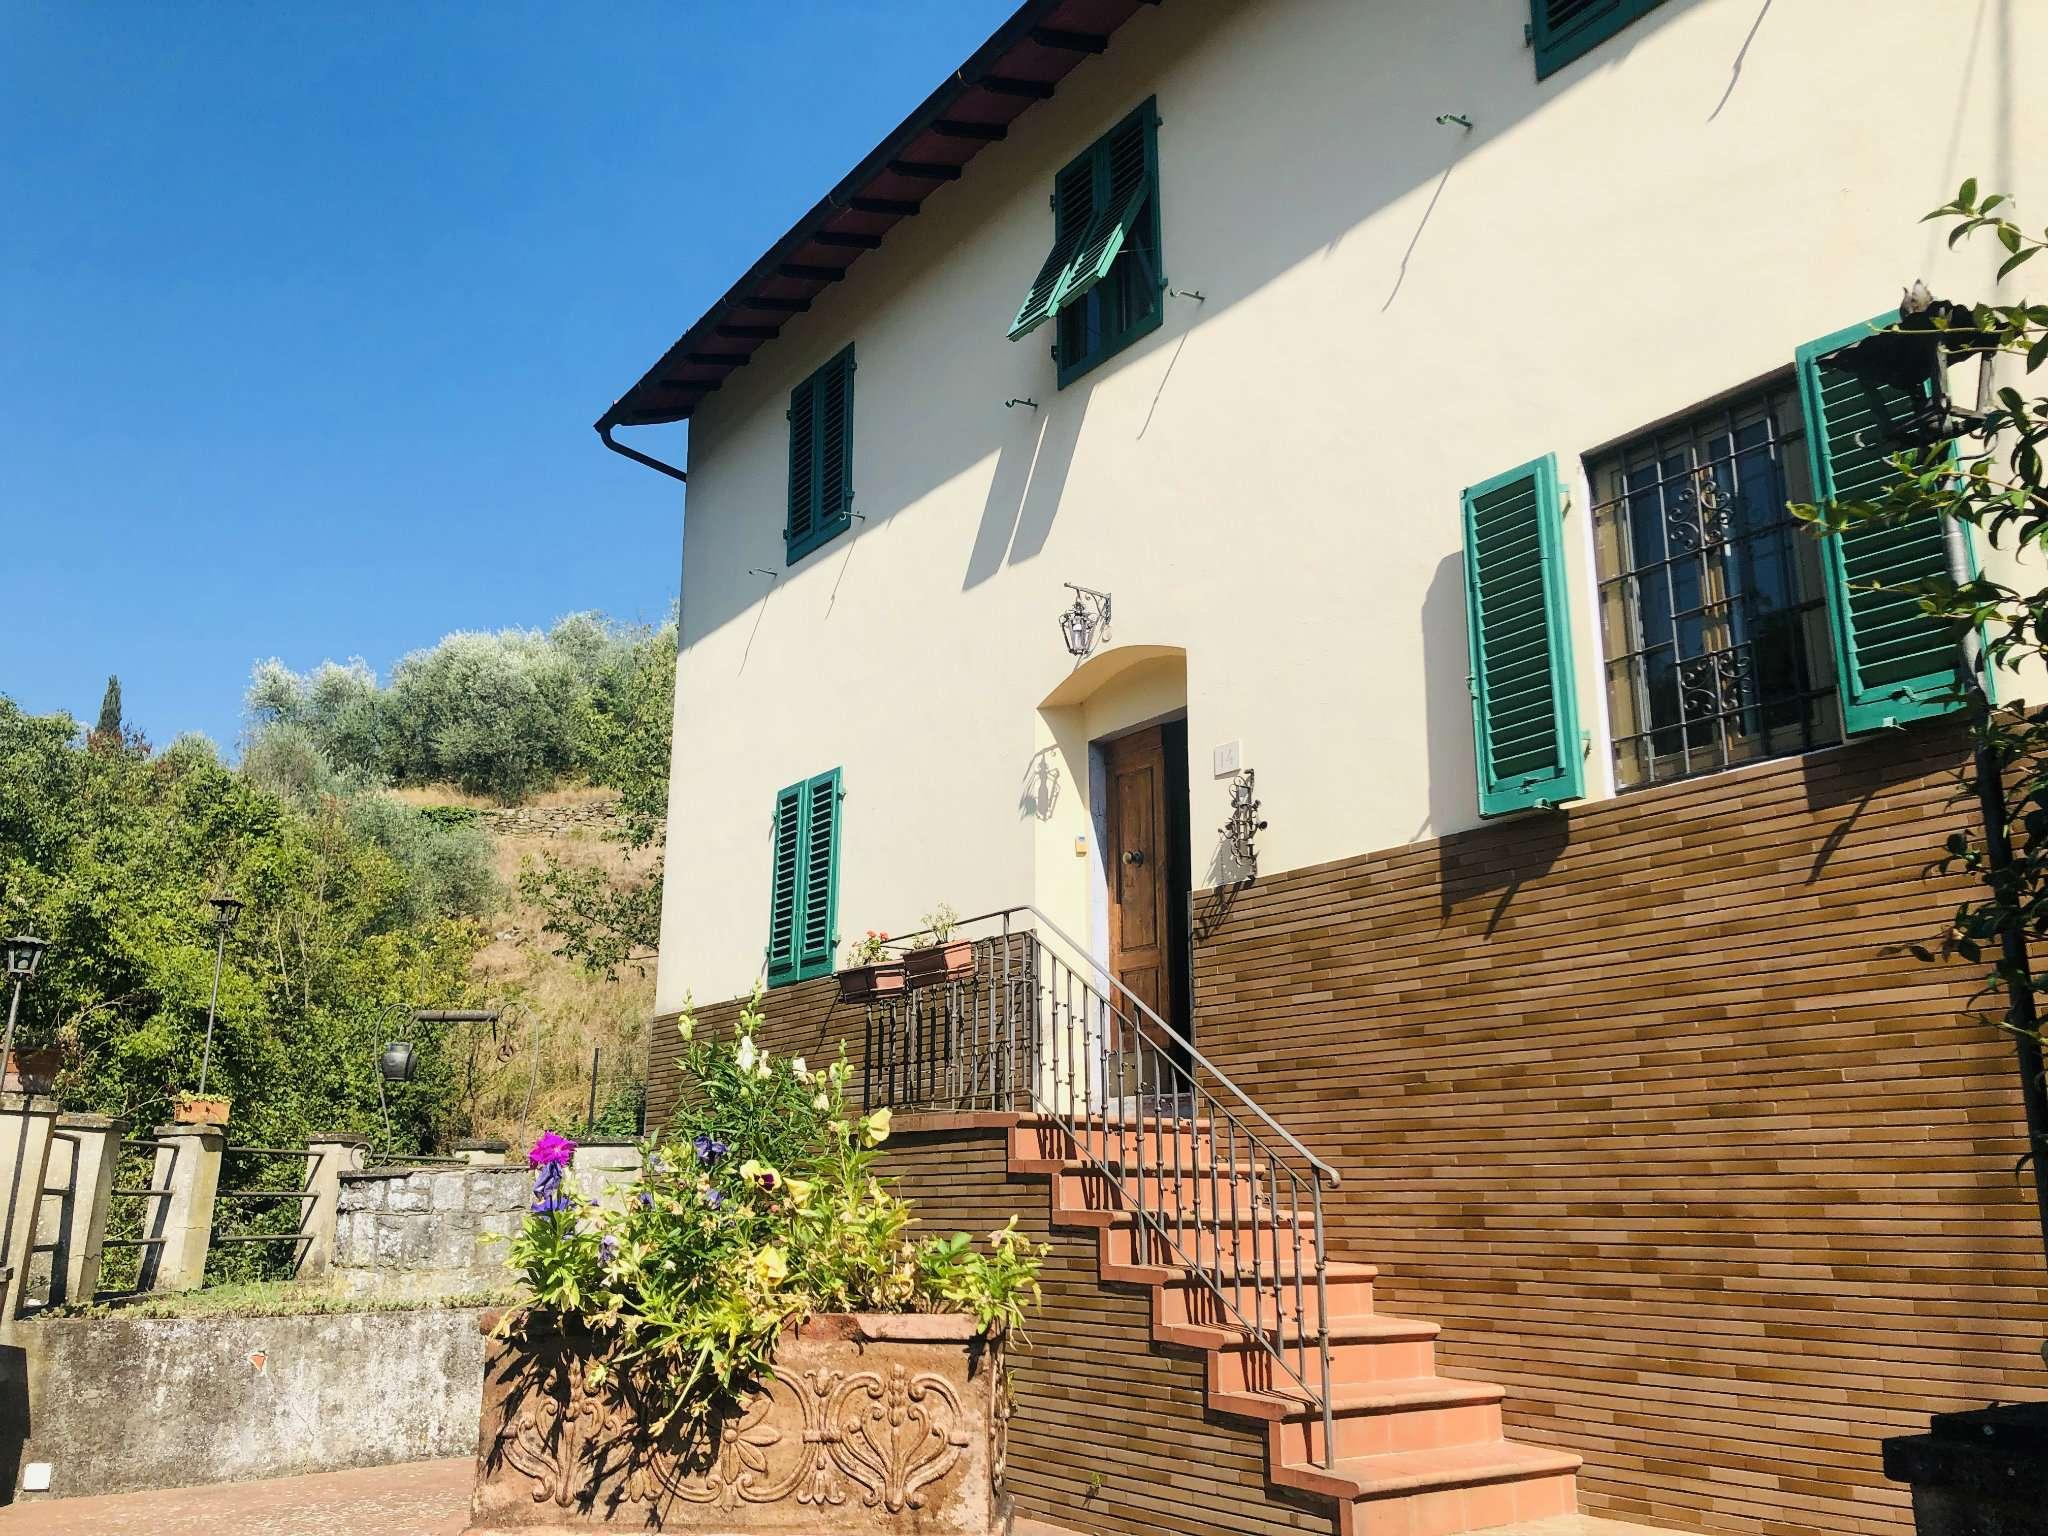 Villa in Vendita a Fiesole Periferia: 5 locali, 110 mq